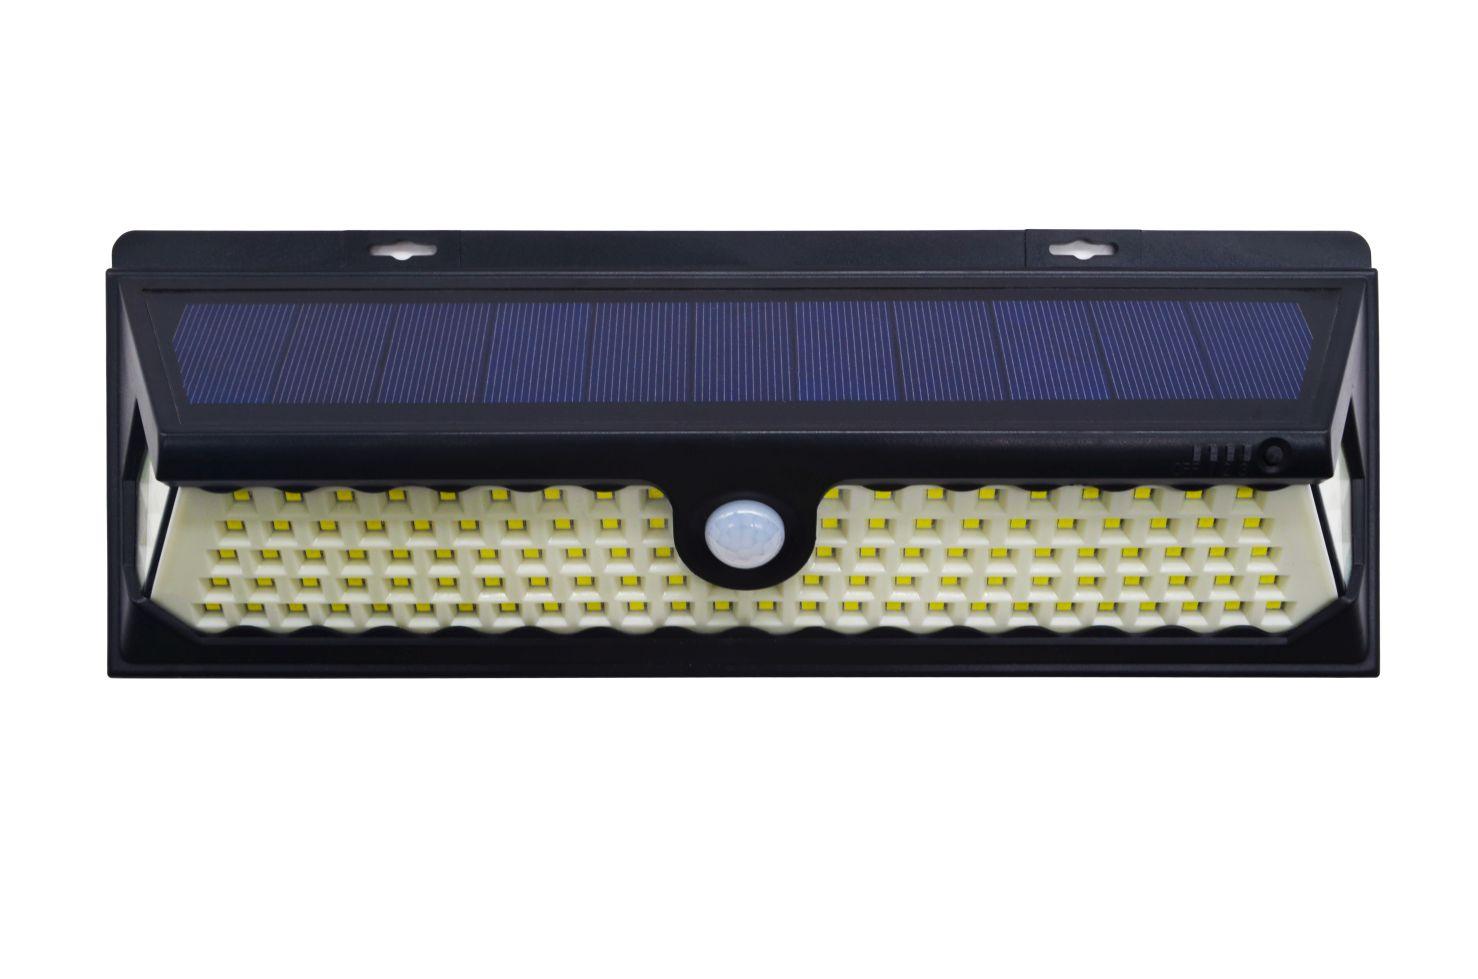 BEZDOTEKU LEDSolar 120 solárne vonkajšie svetlo svietidlo, 120 LED so senzorom, bezdrôtové, 4W, studená farba